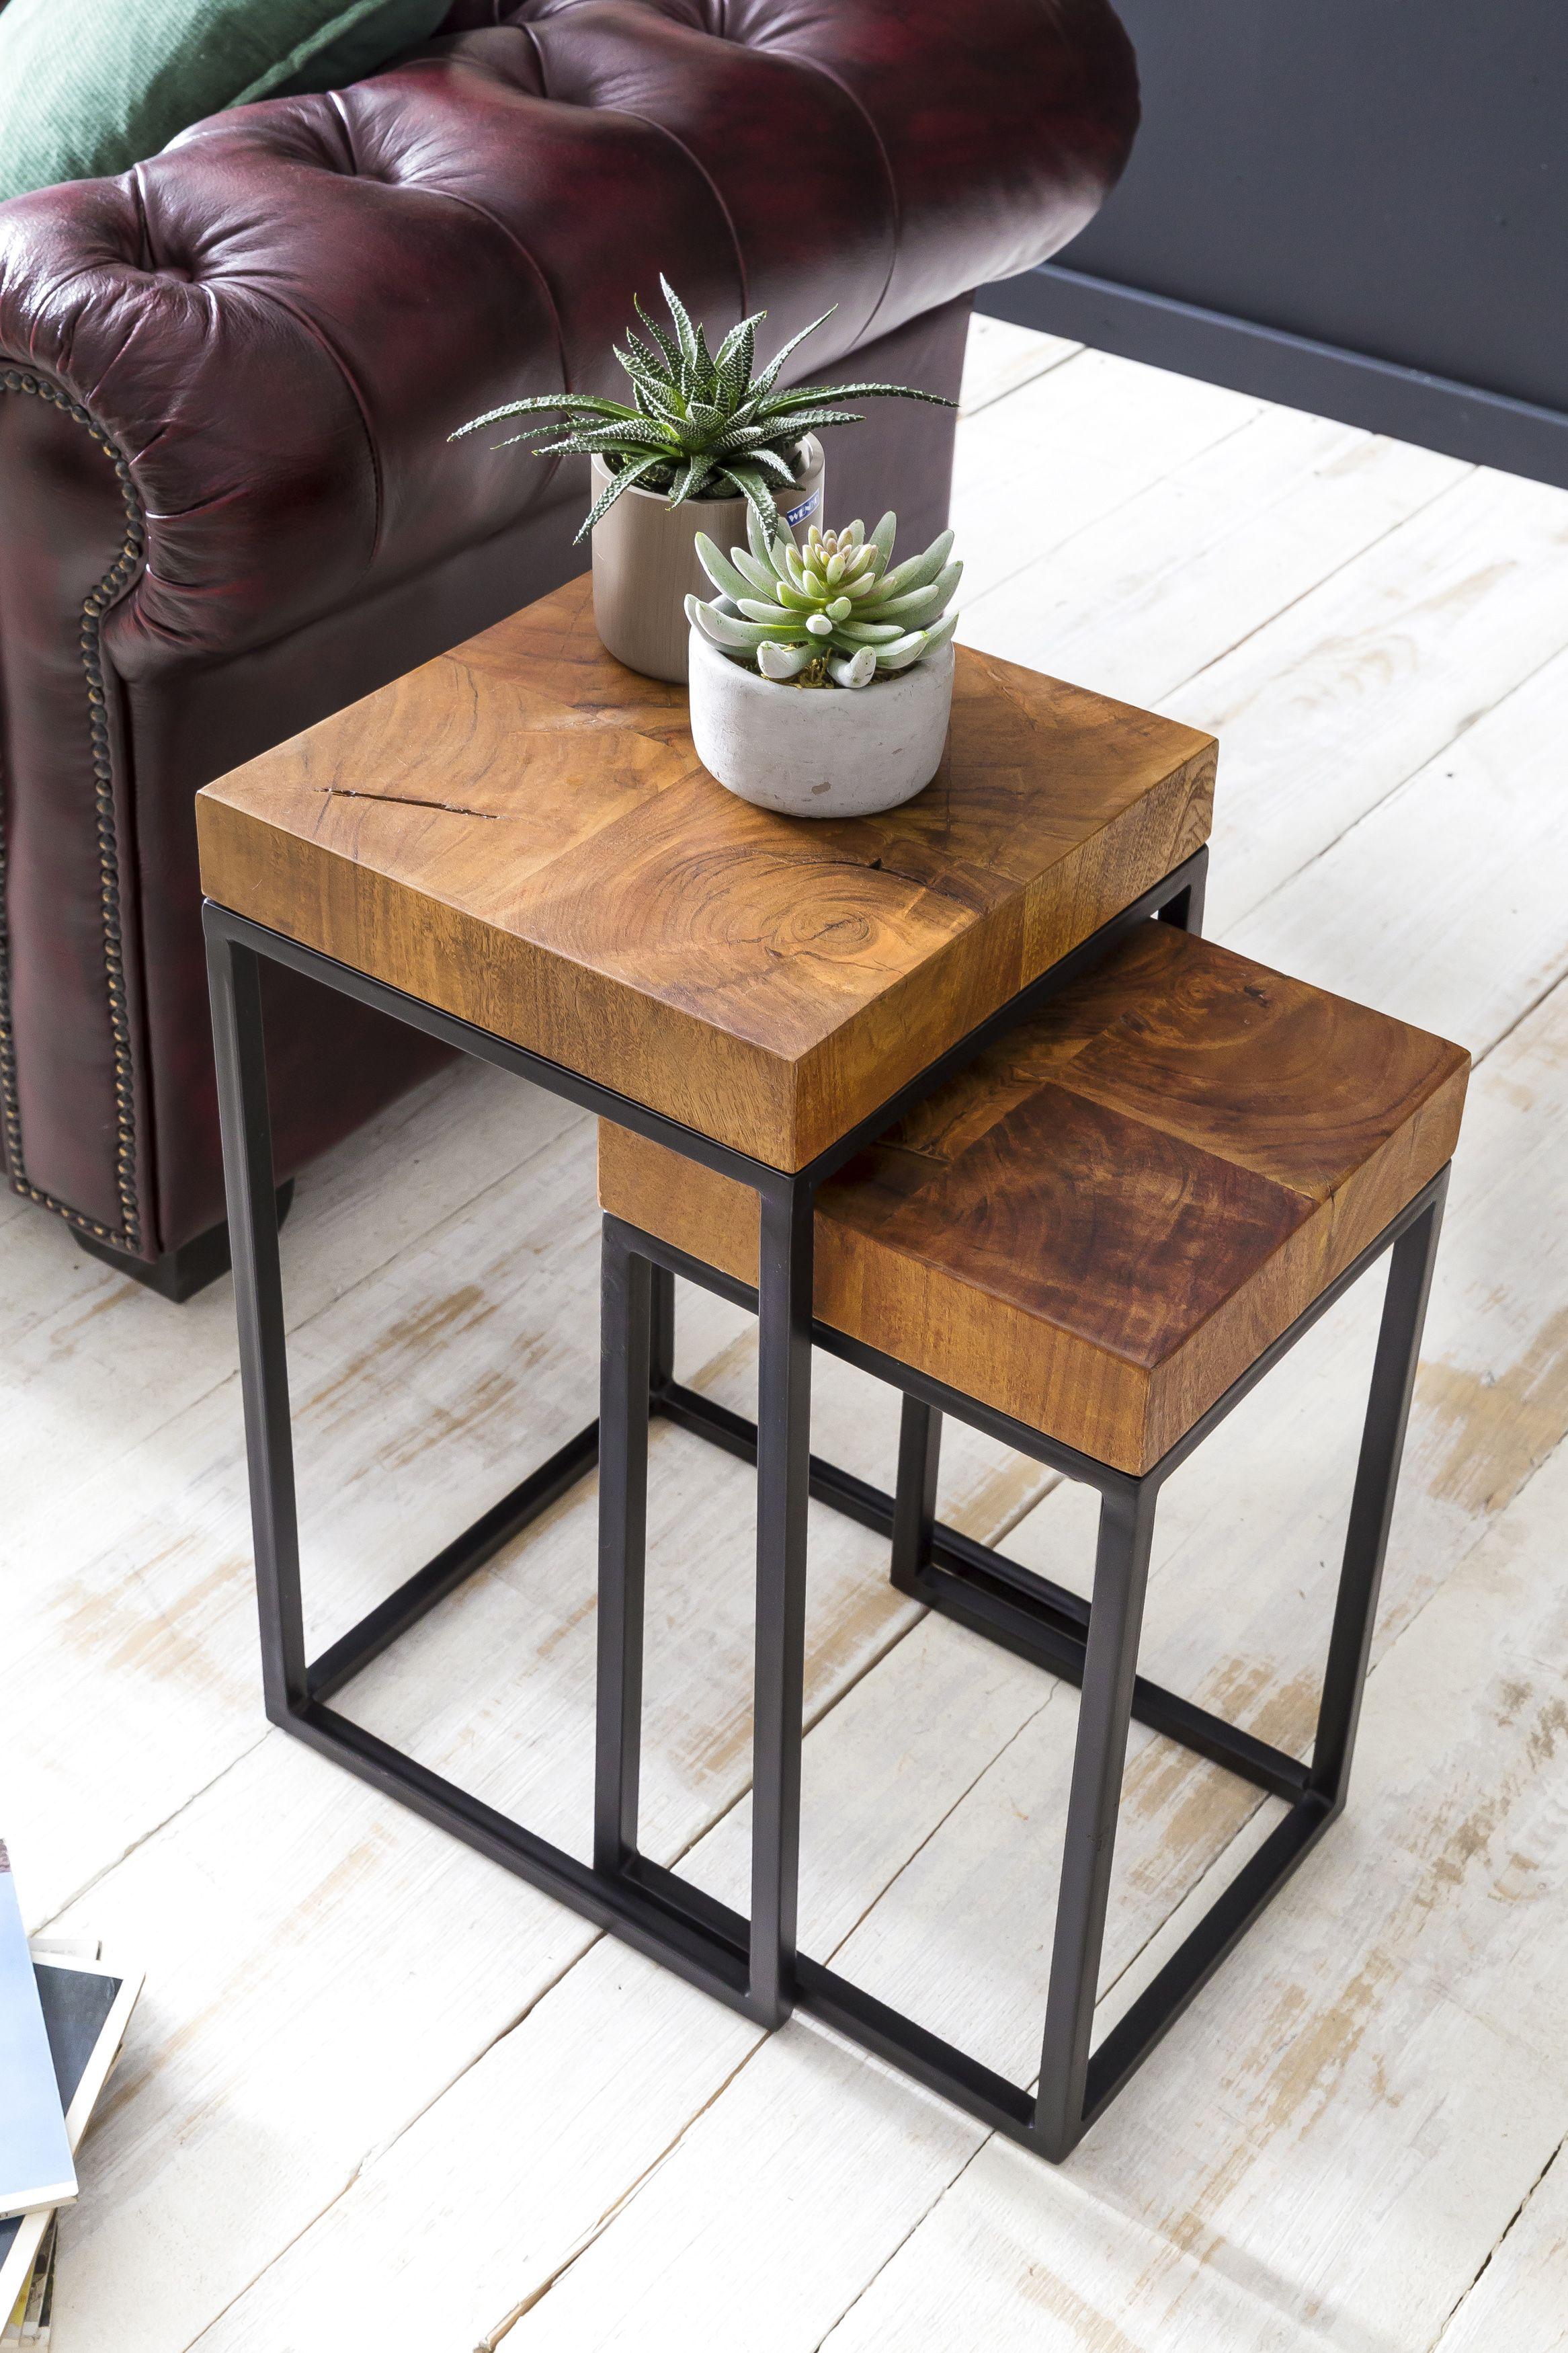 Wohnling Beistelltisch 2er Set 30x30 Cm Wl5 660 Aus Sheesham Massivholz Und Metall Wohnzimmer Esszim Couchtisch Metall Couchtisch Holz Beistelltisch 2er Set